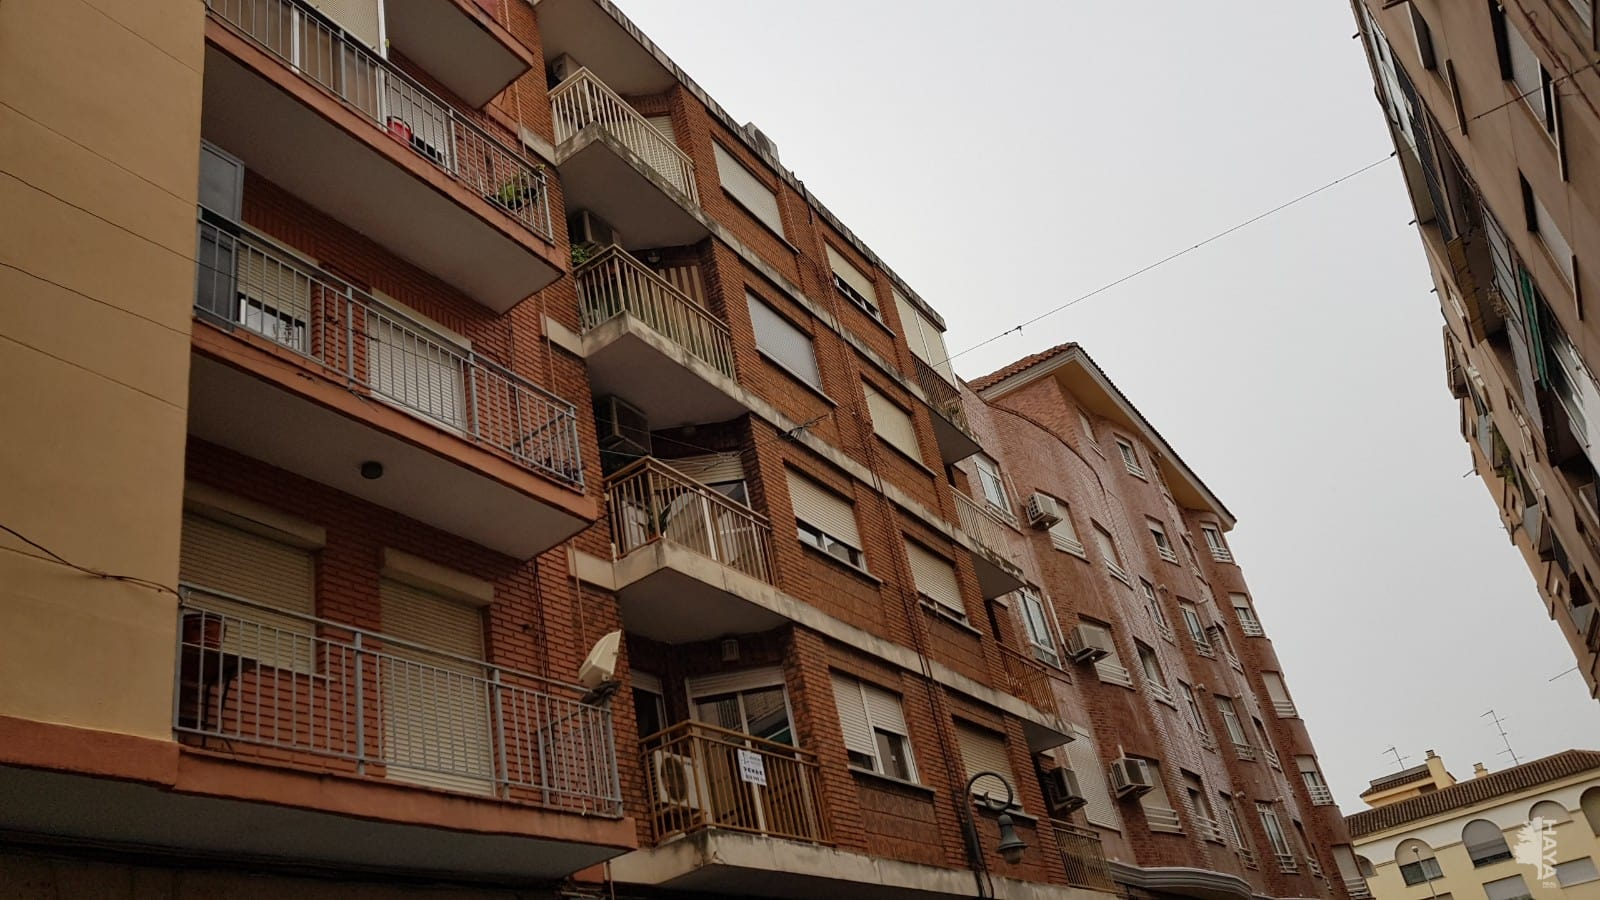 Piso en venta en Aldaia, Valencia, Calle Maestro Serrano, 90.405 €, 3 habitaciones, 2 baños, 90 m2